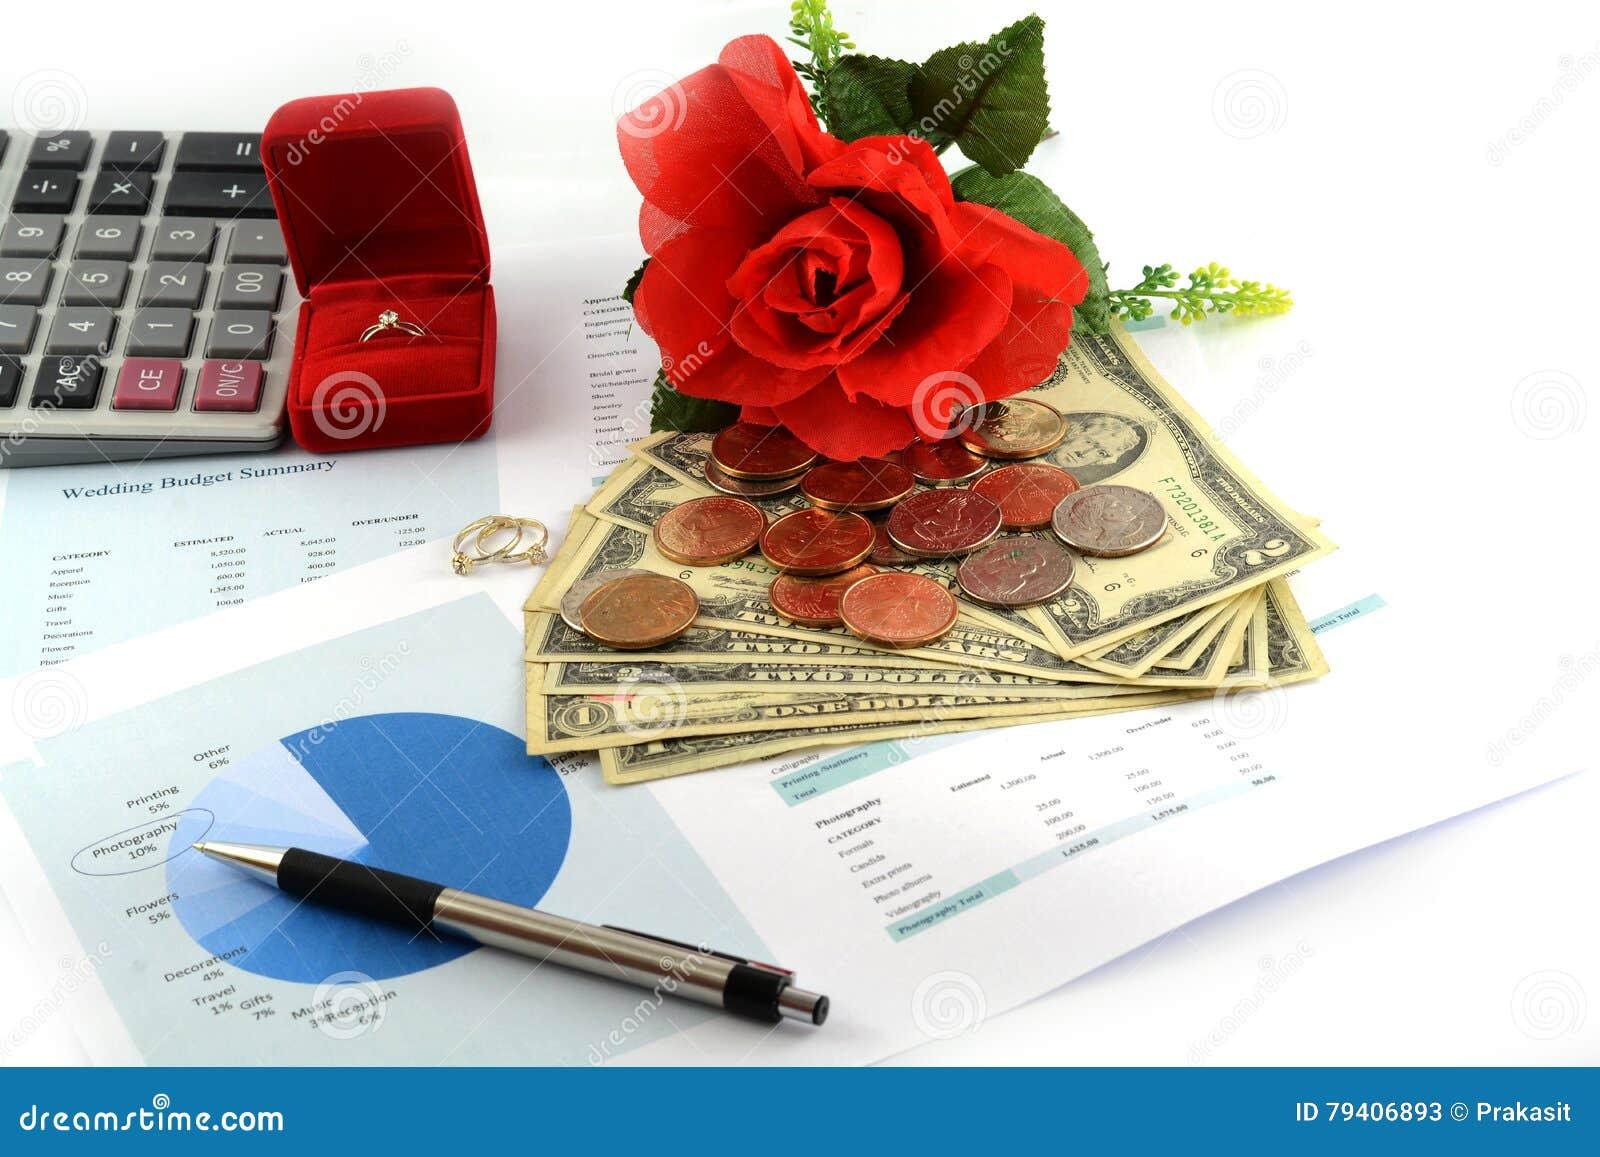 Wedding budget sheet stock image. Image of budget, invitation - 79406893